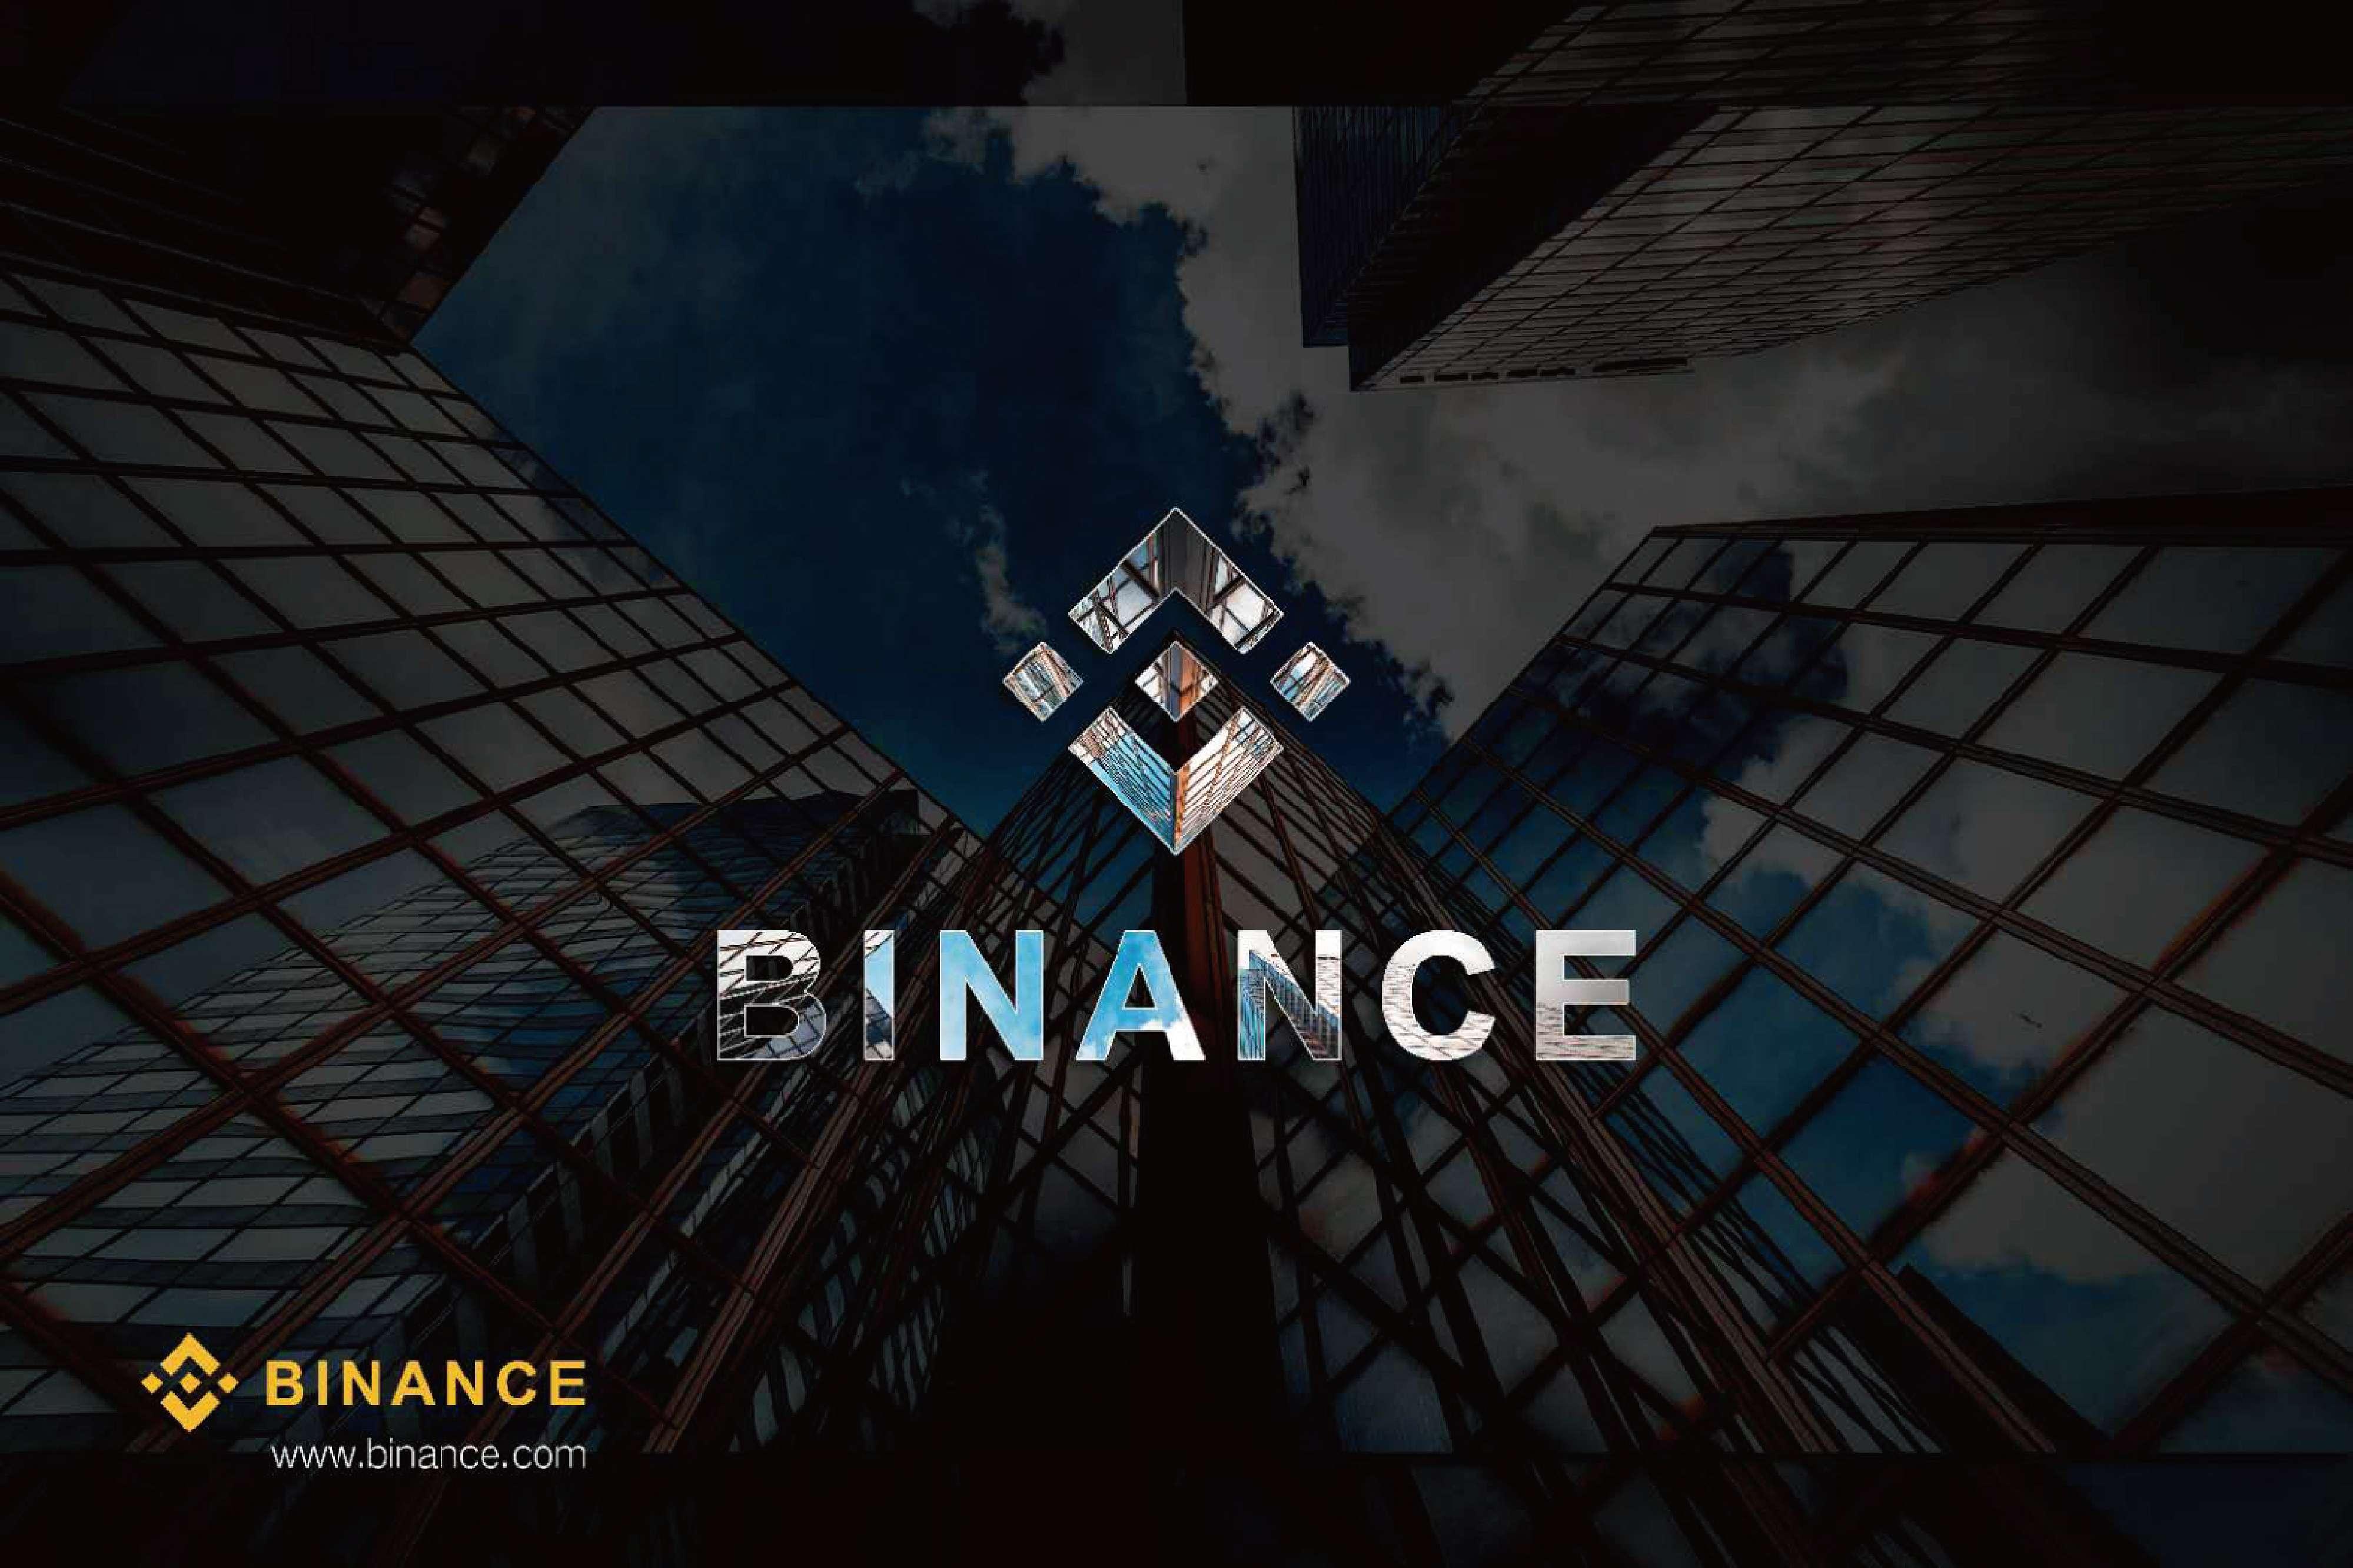 como trocar bitcoin usando binance